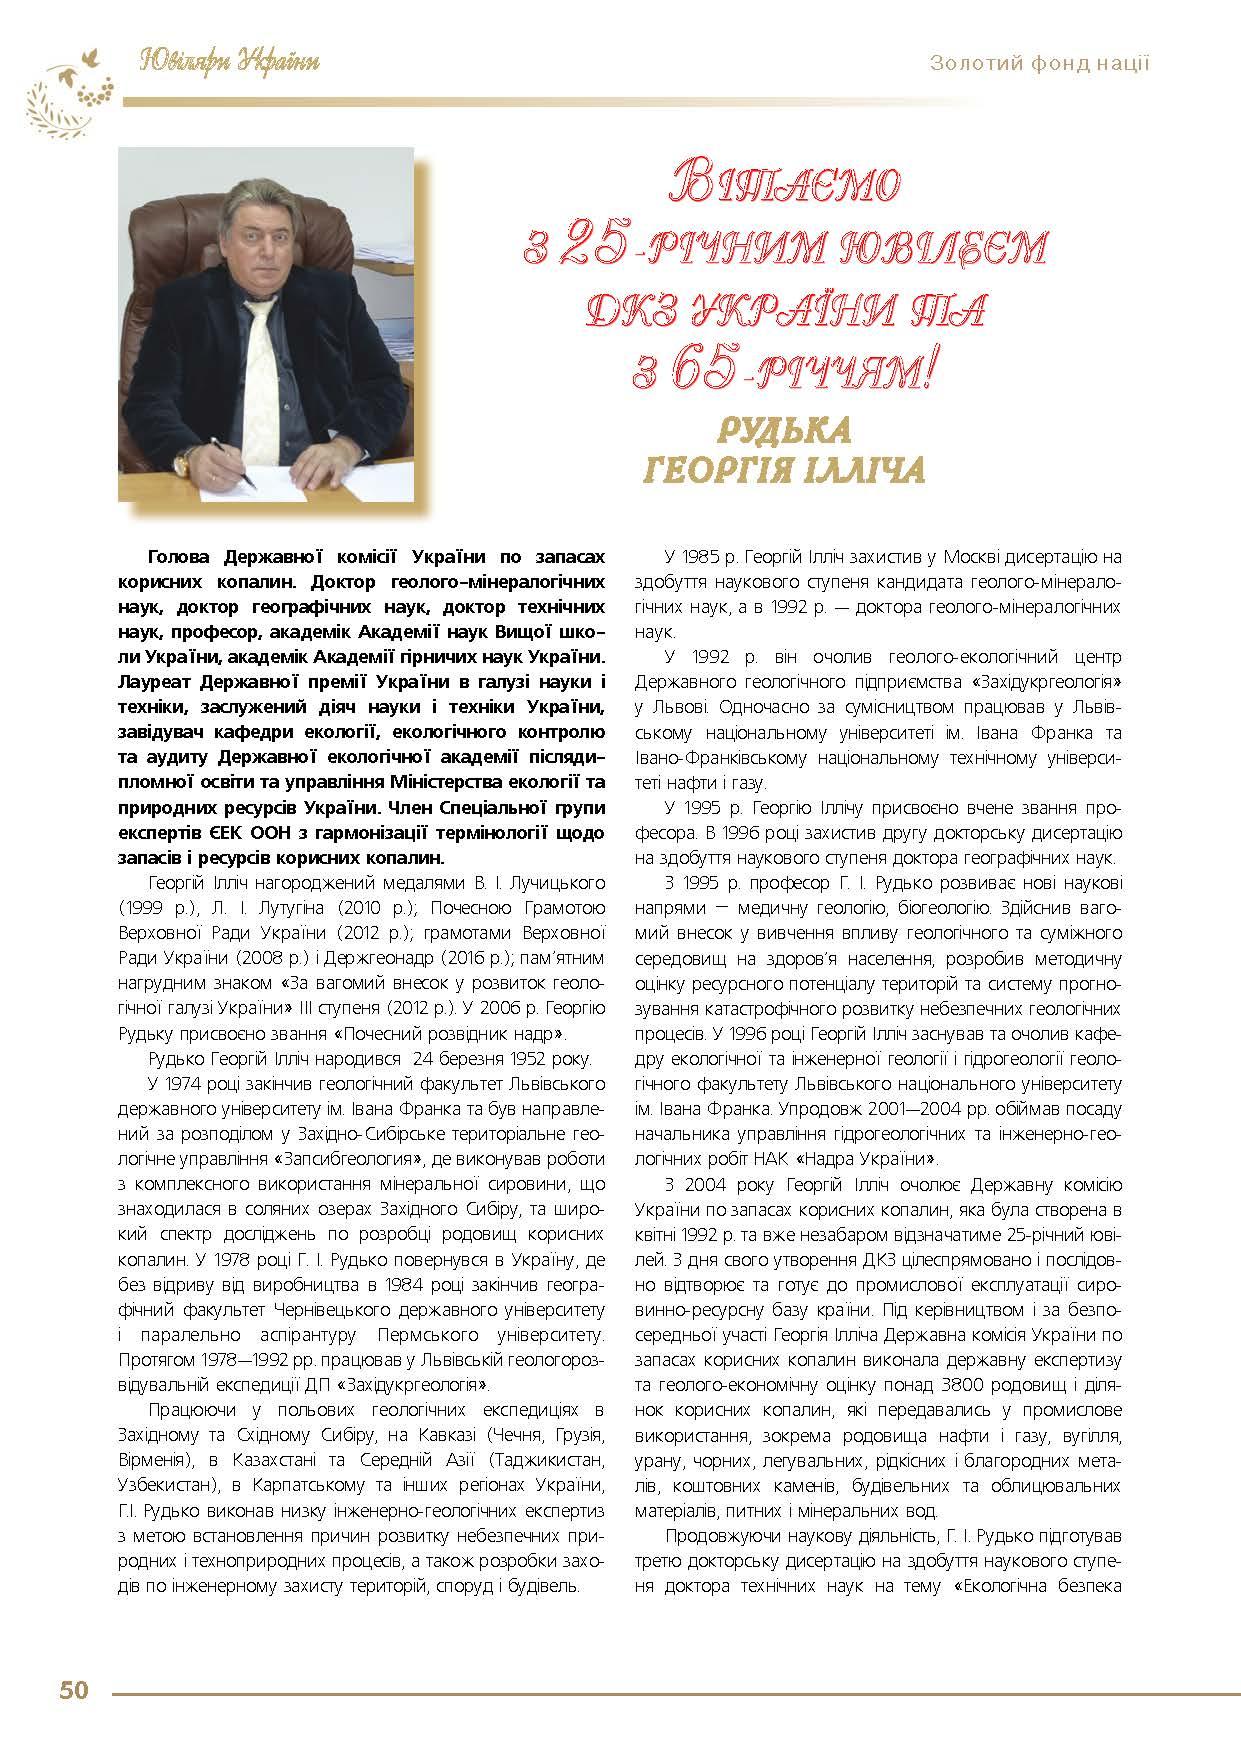 Рудька Георгія Ілліча